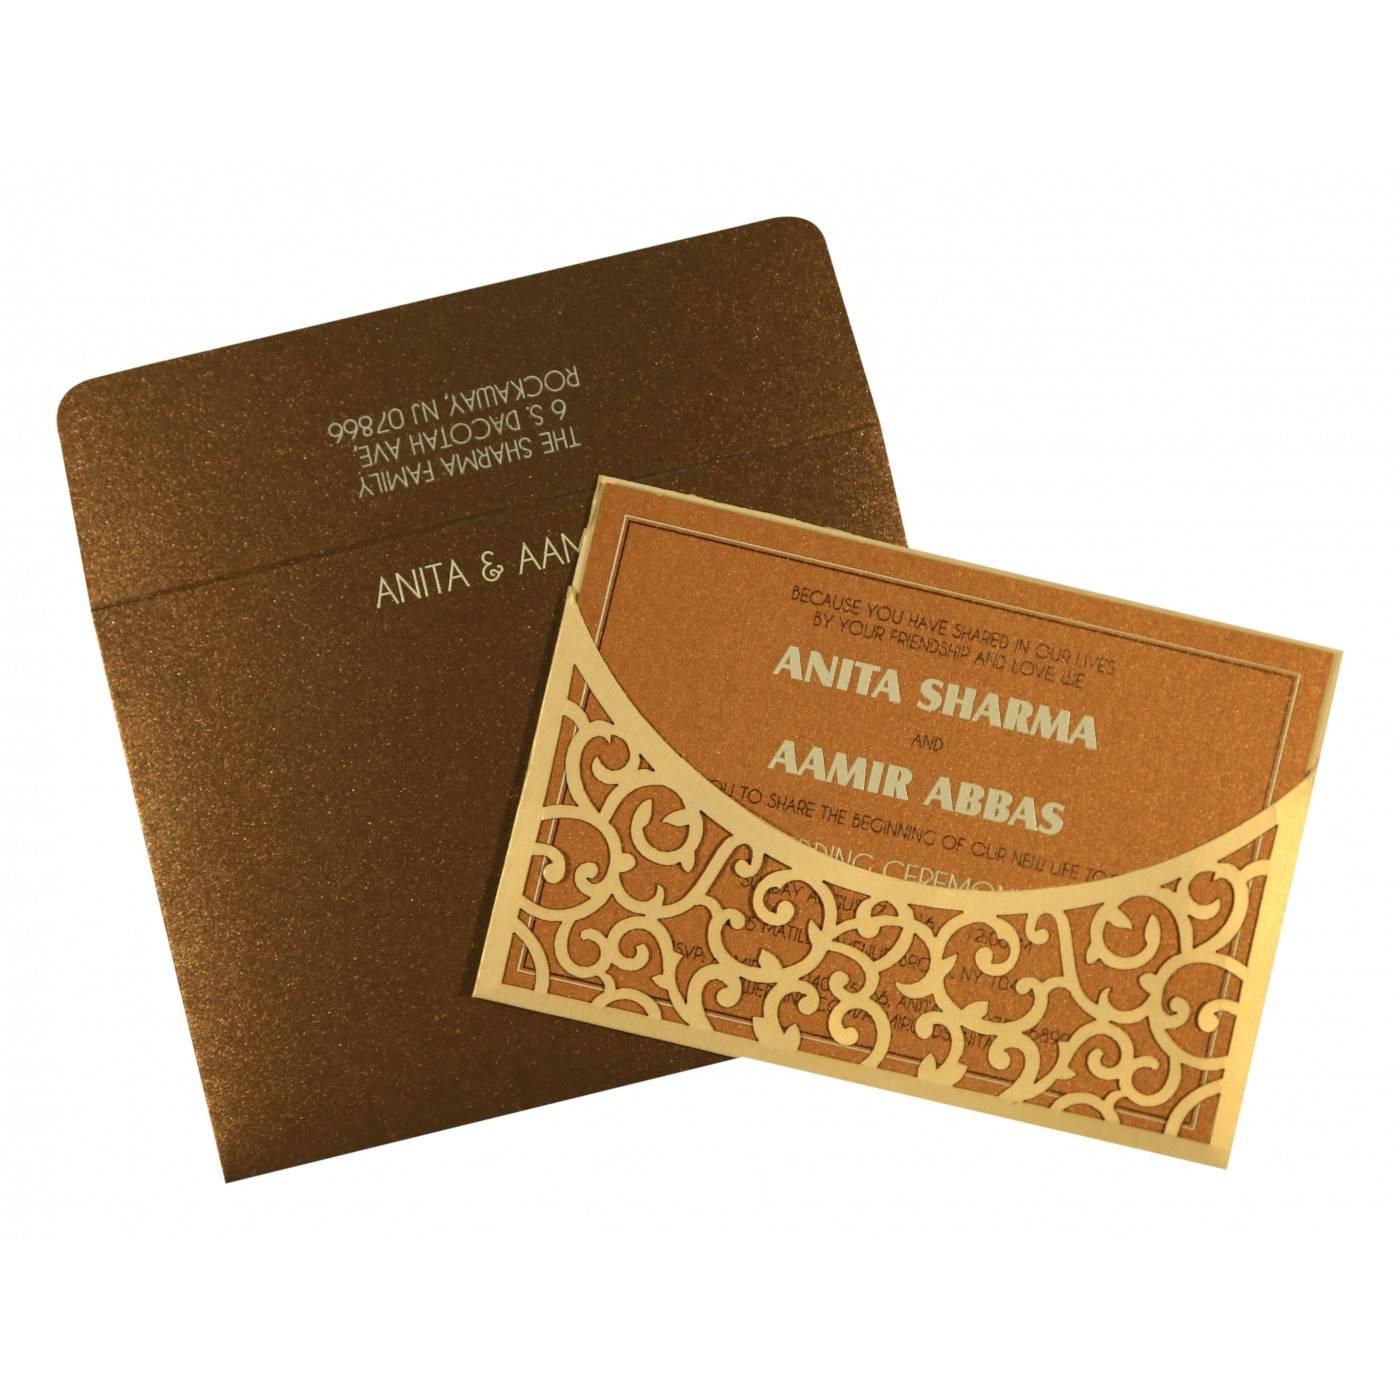 CREAM SHIMMERY LASER CUT WEDDING CARD : CRU-1587 - IndianWeddingCards